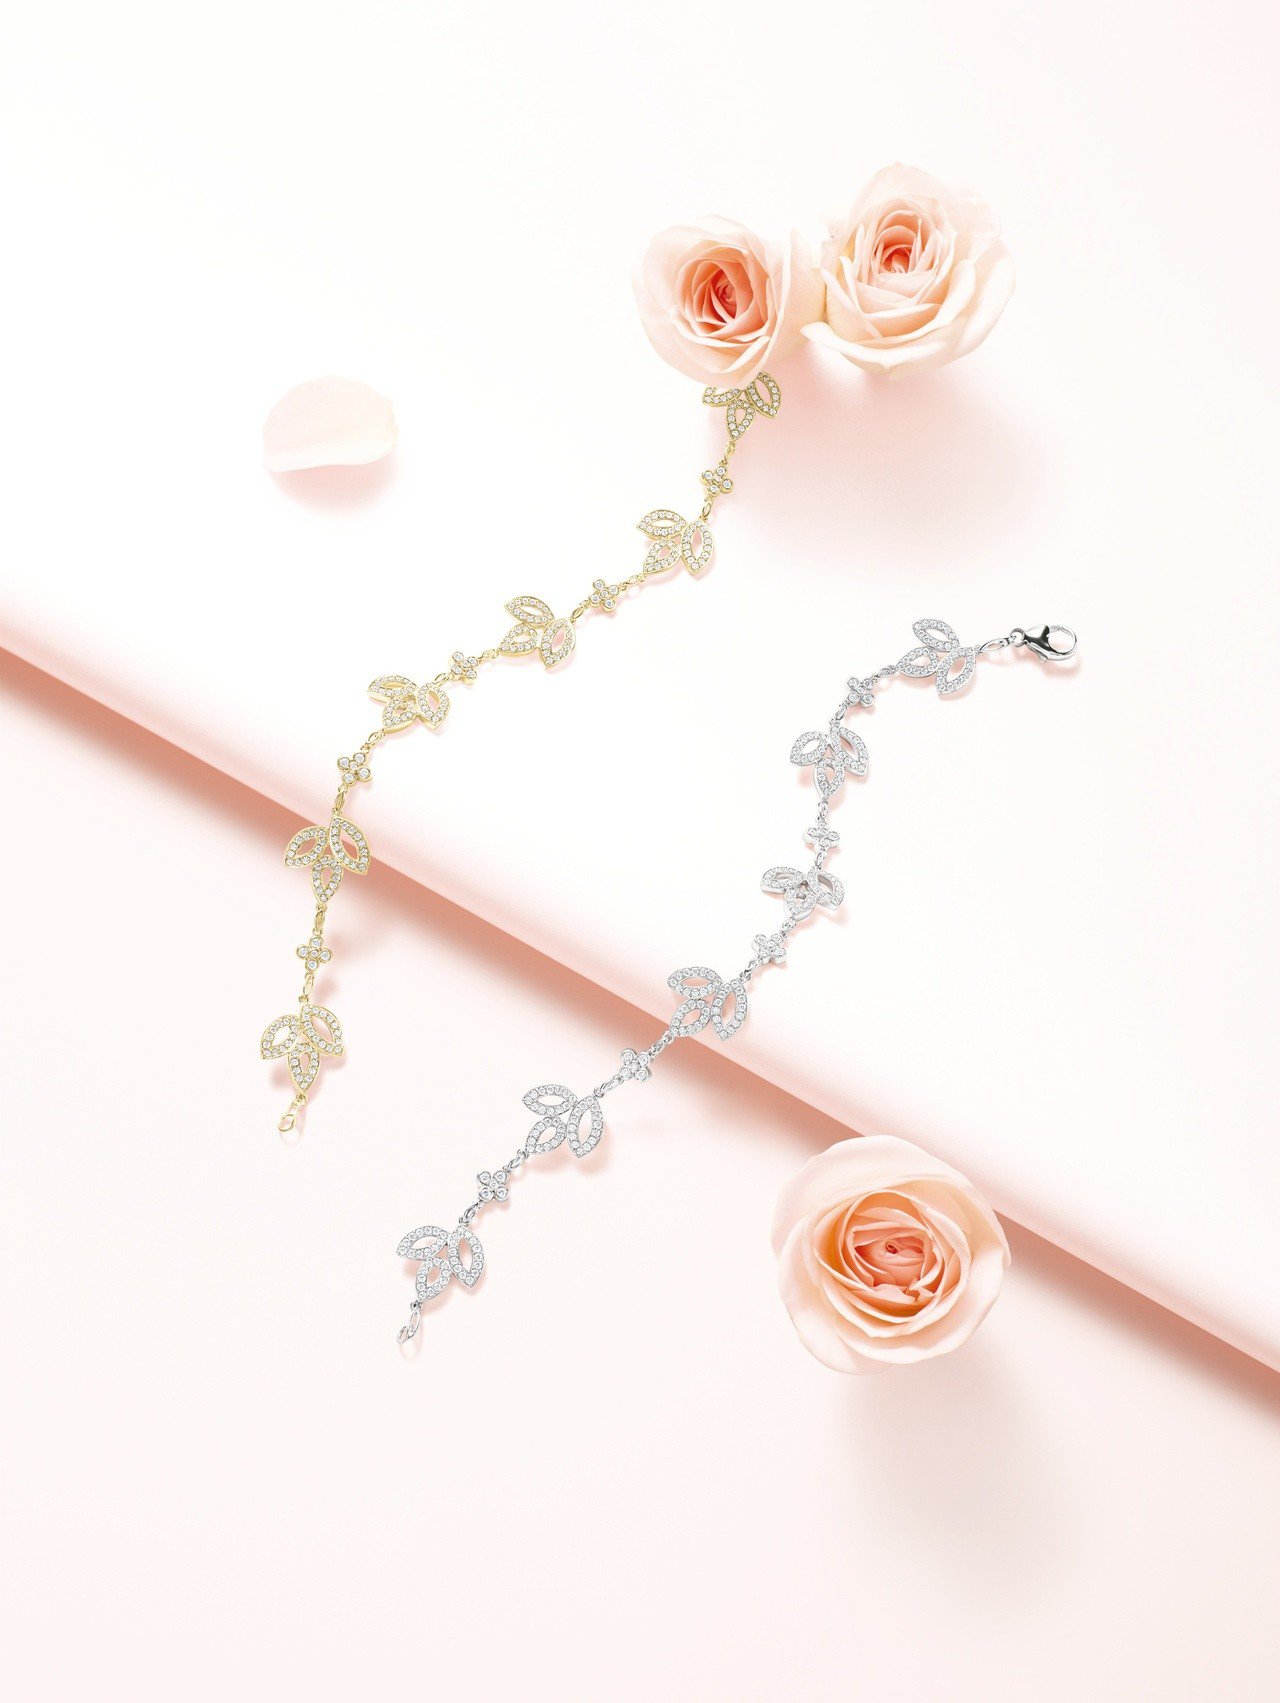 海瑞溫斯頓Lily Cluster鑽石黃金手鍊及鑽石鉑金手鍊。圖/Harry W...